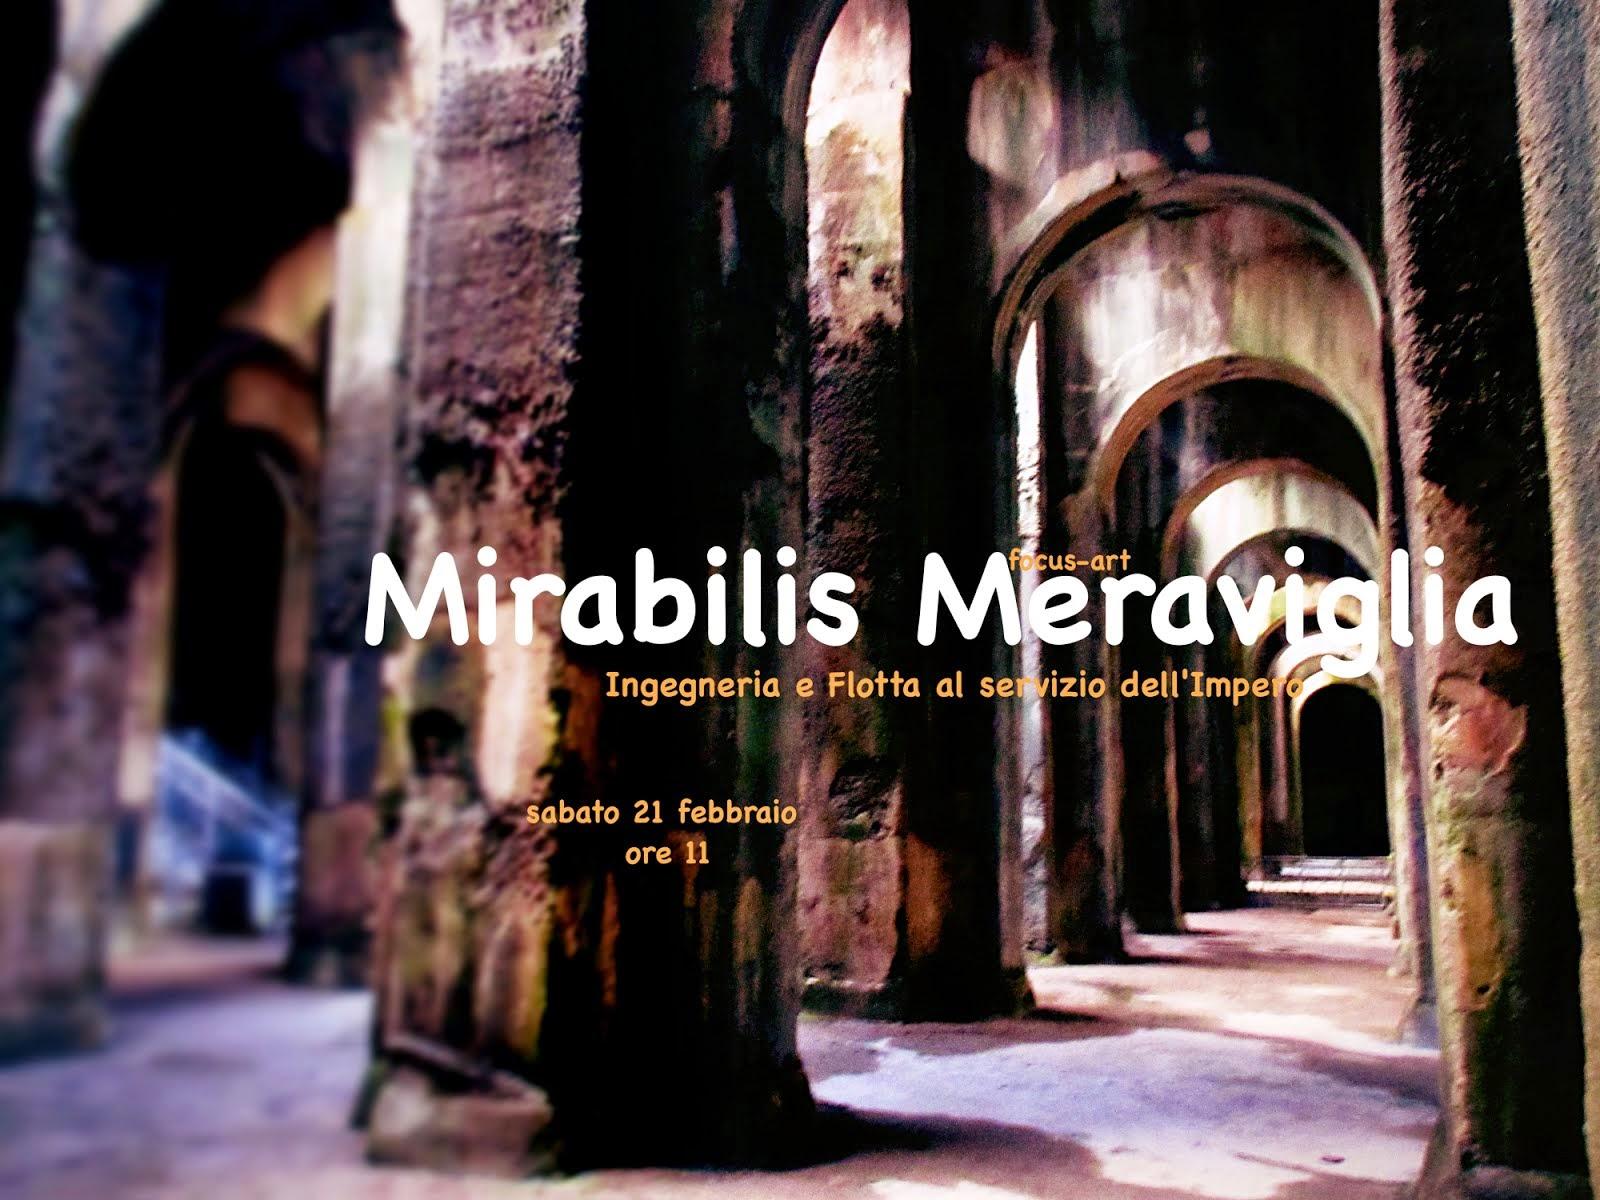 Mirabilis Meraviglia